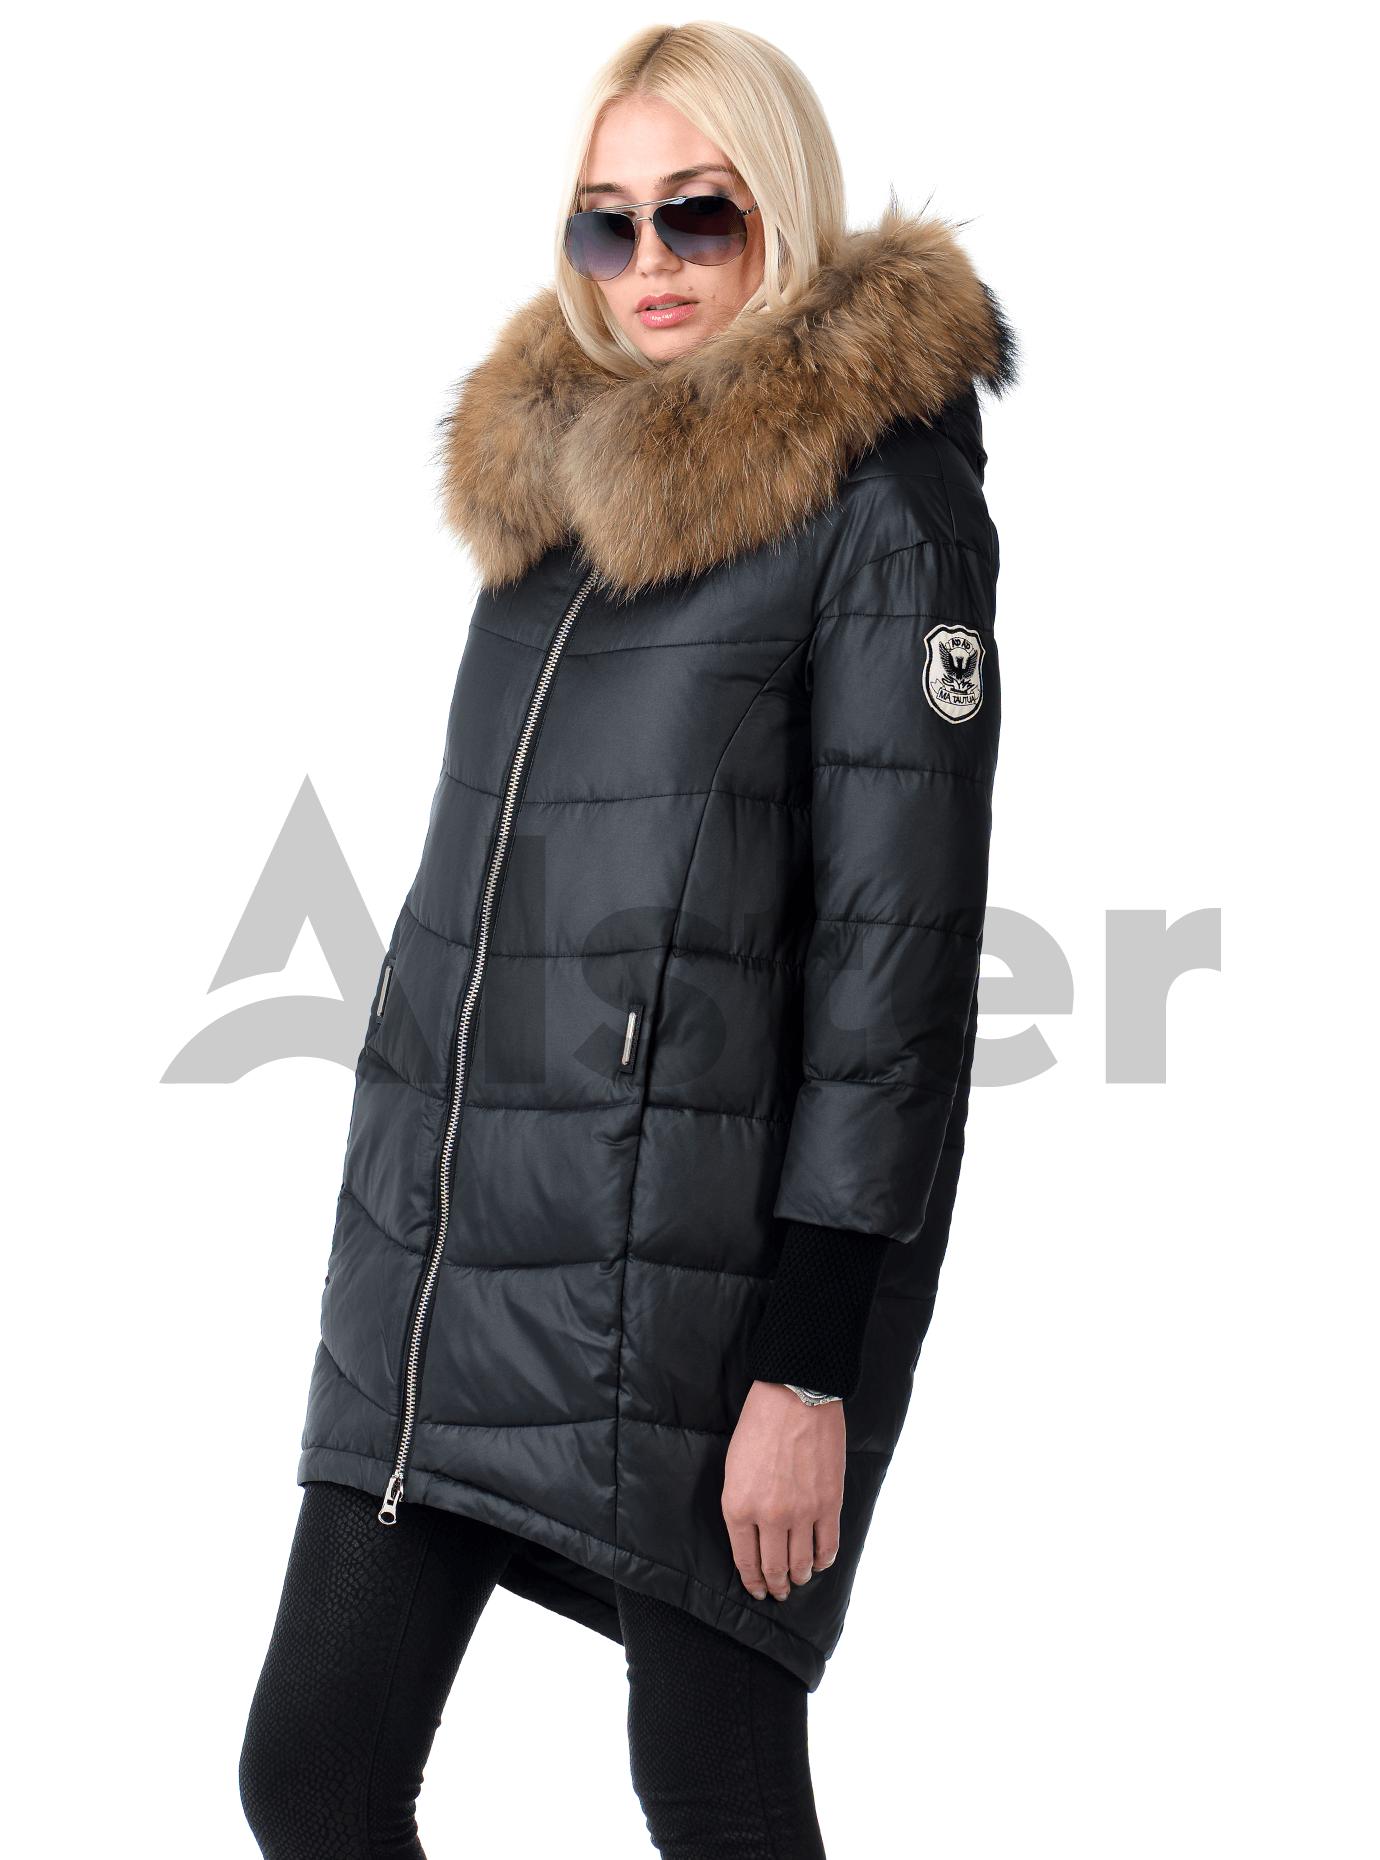 Куртка зимняя с манжетами и мехом енота Синий S (05-V191285): фото - Alster.ua